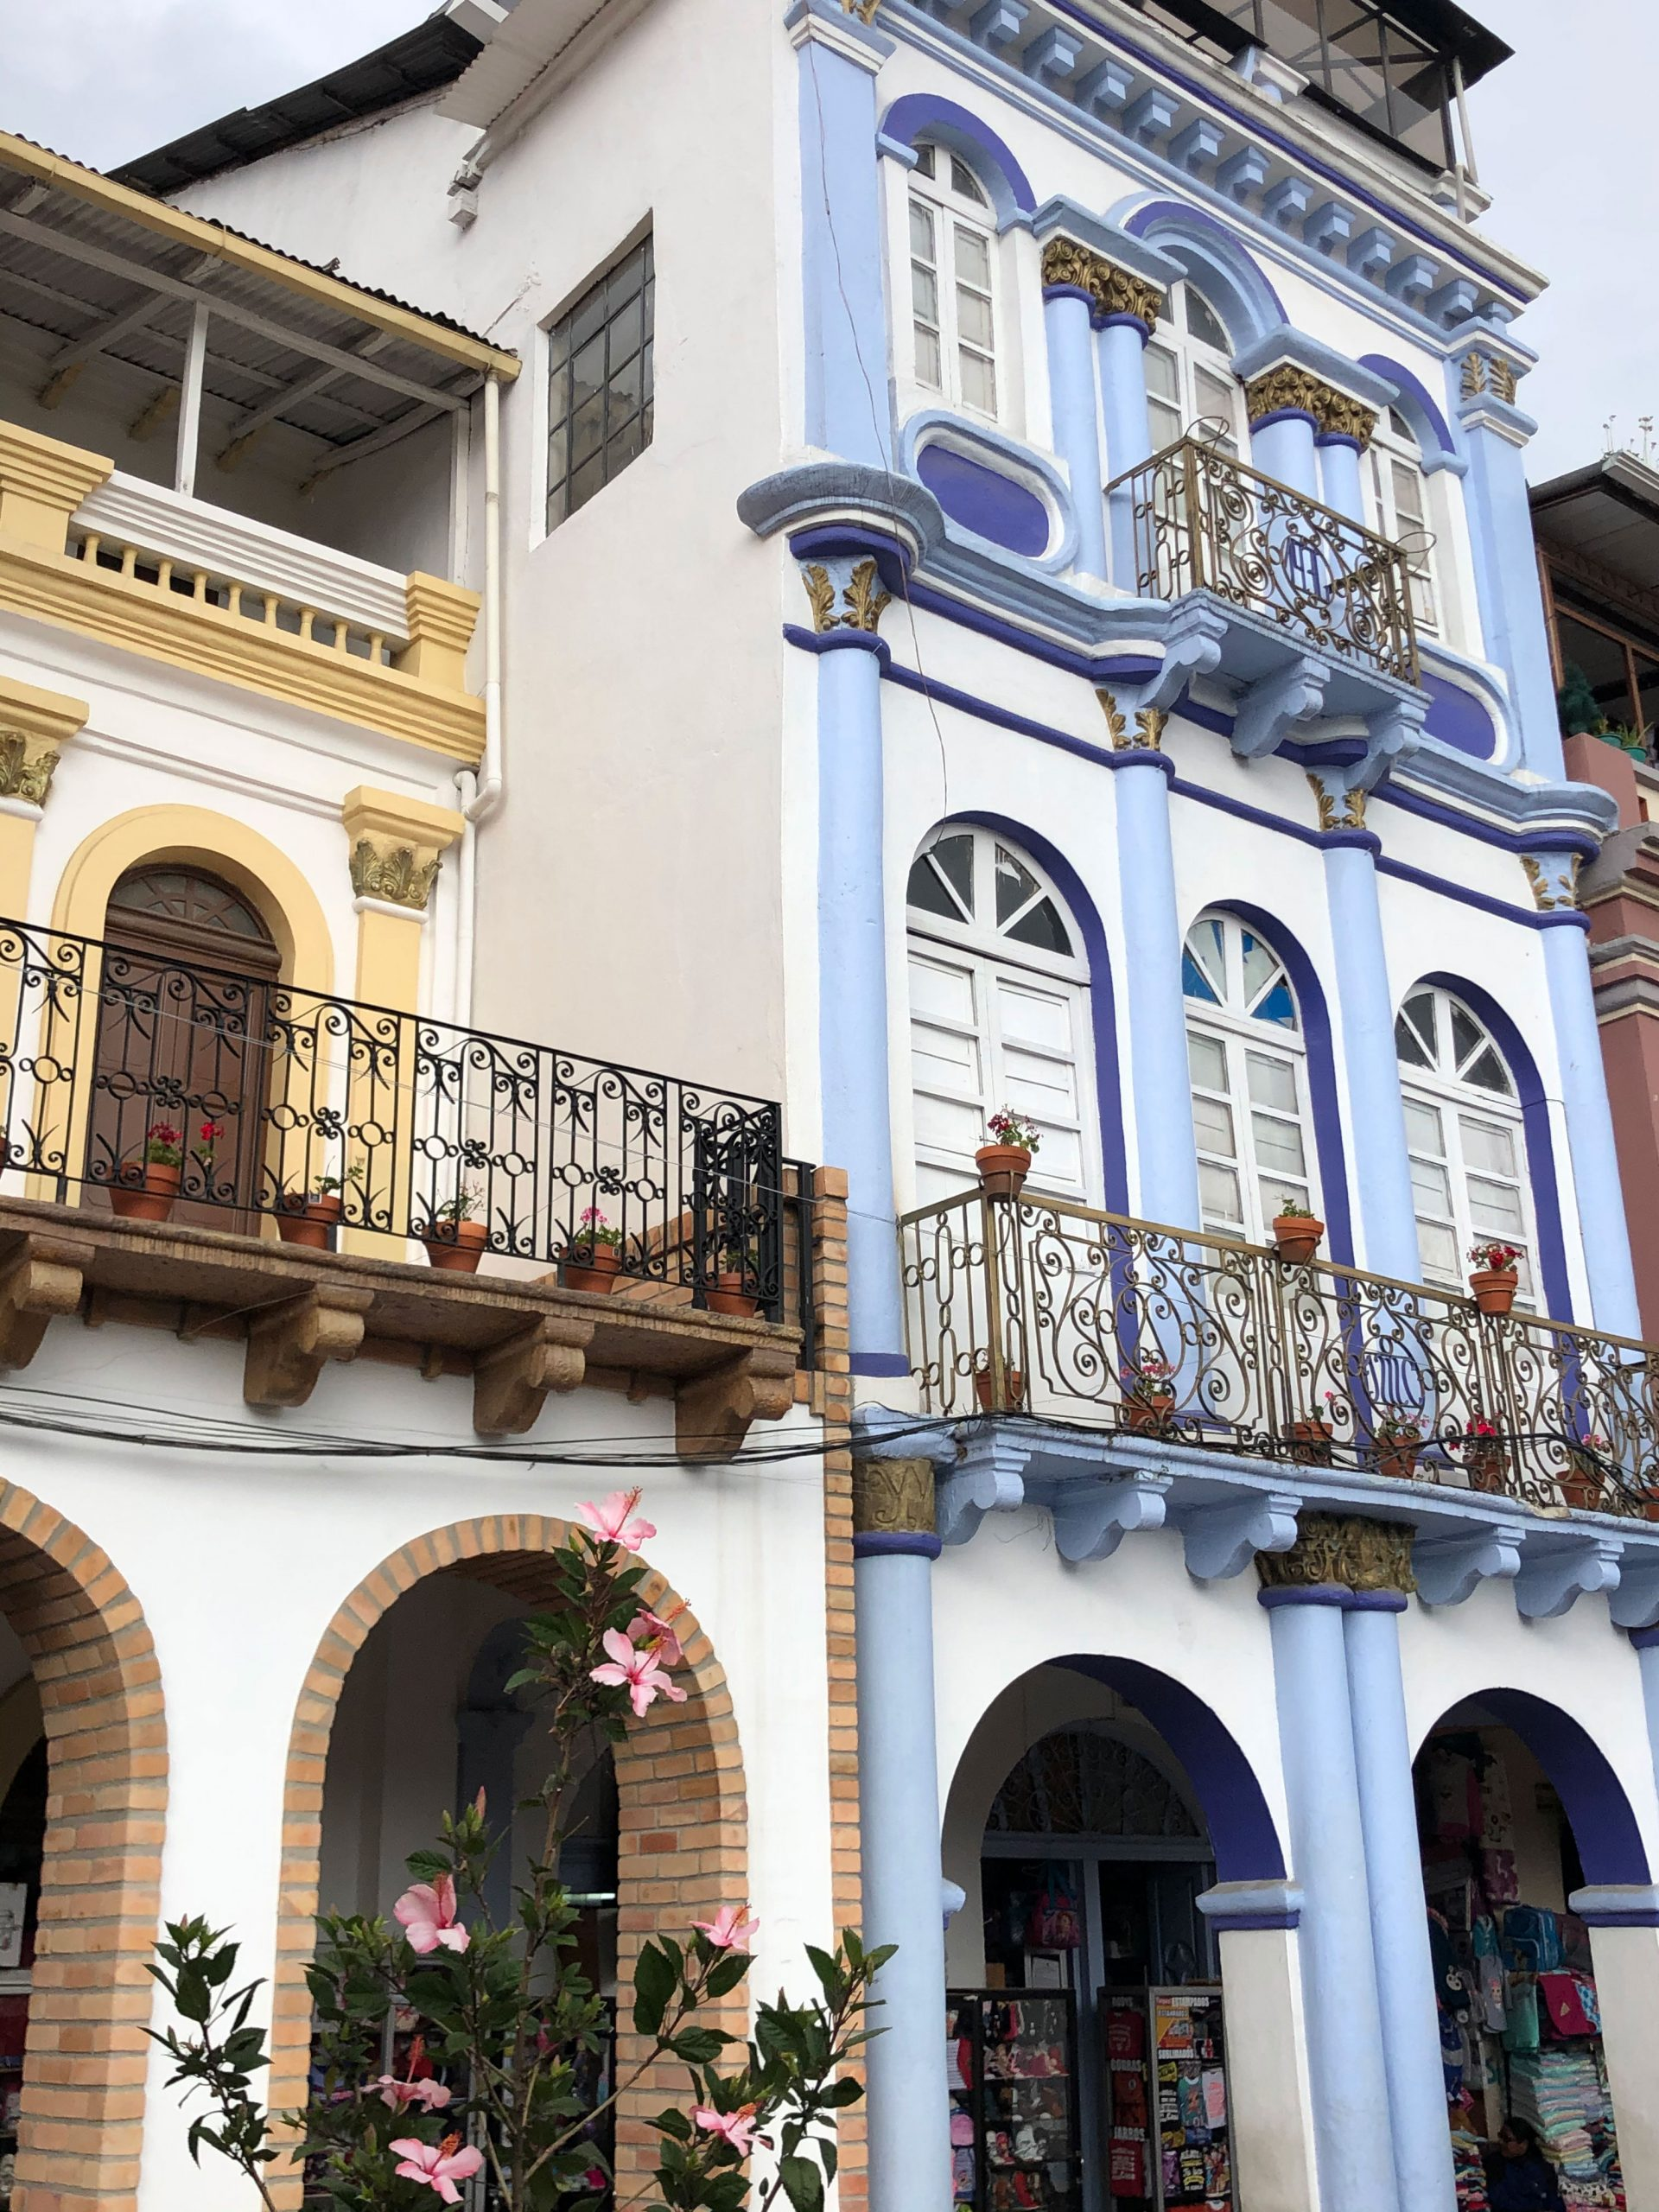 Bunte Hausfassaden in der Altstadt Cuencas.